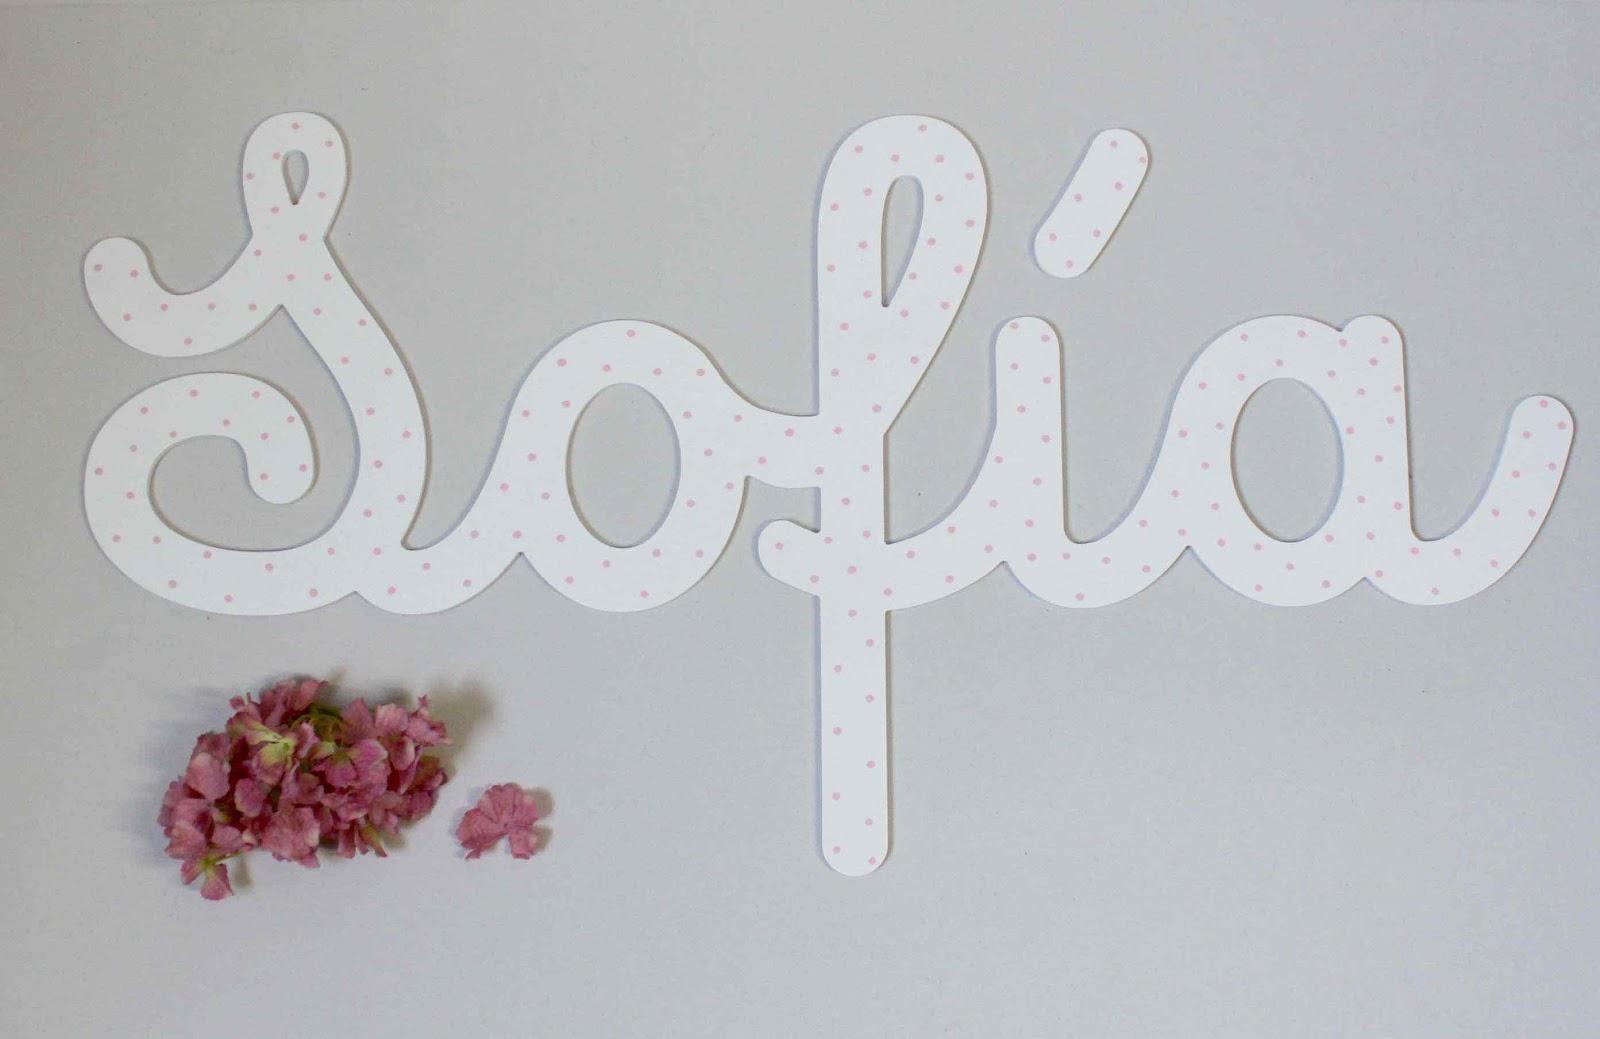 Letras infantiles para decorar decoraci n infantil - Letras infantiles para decorar ...